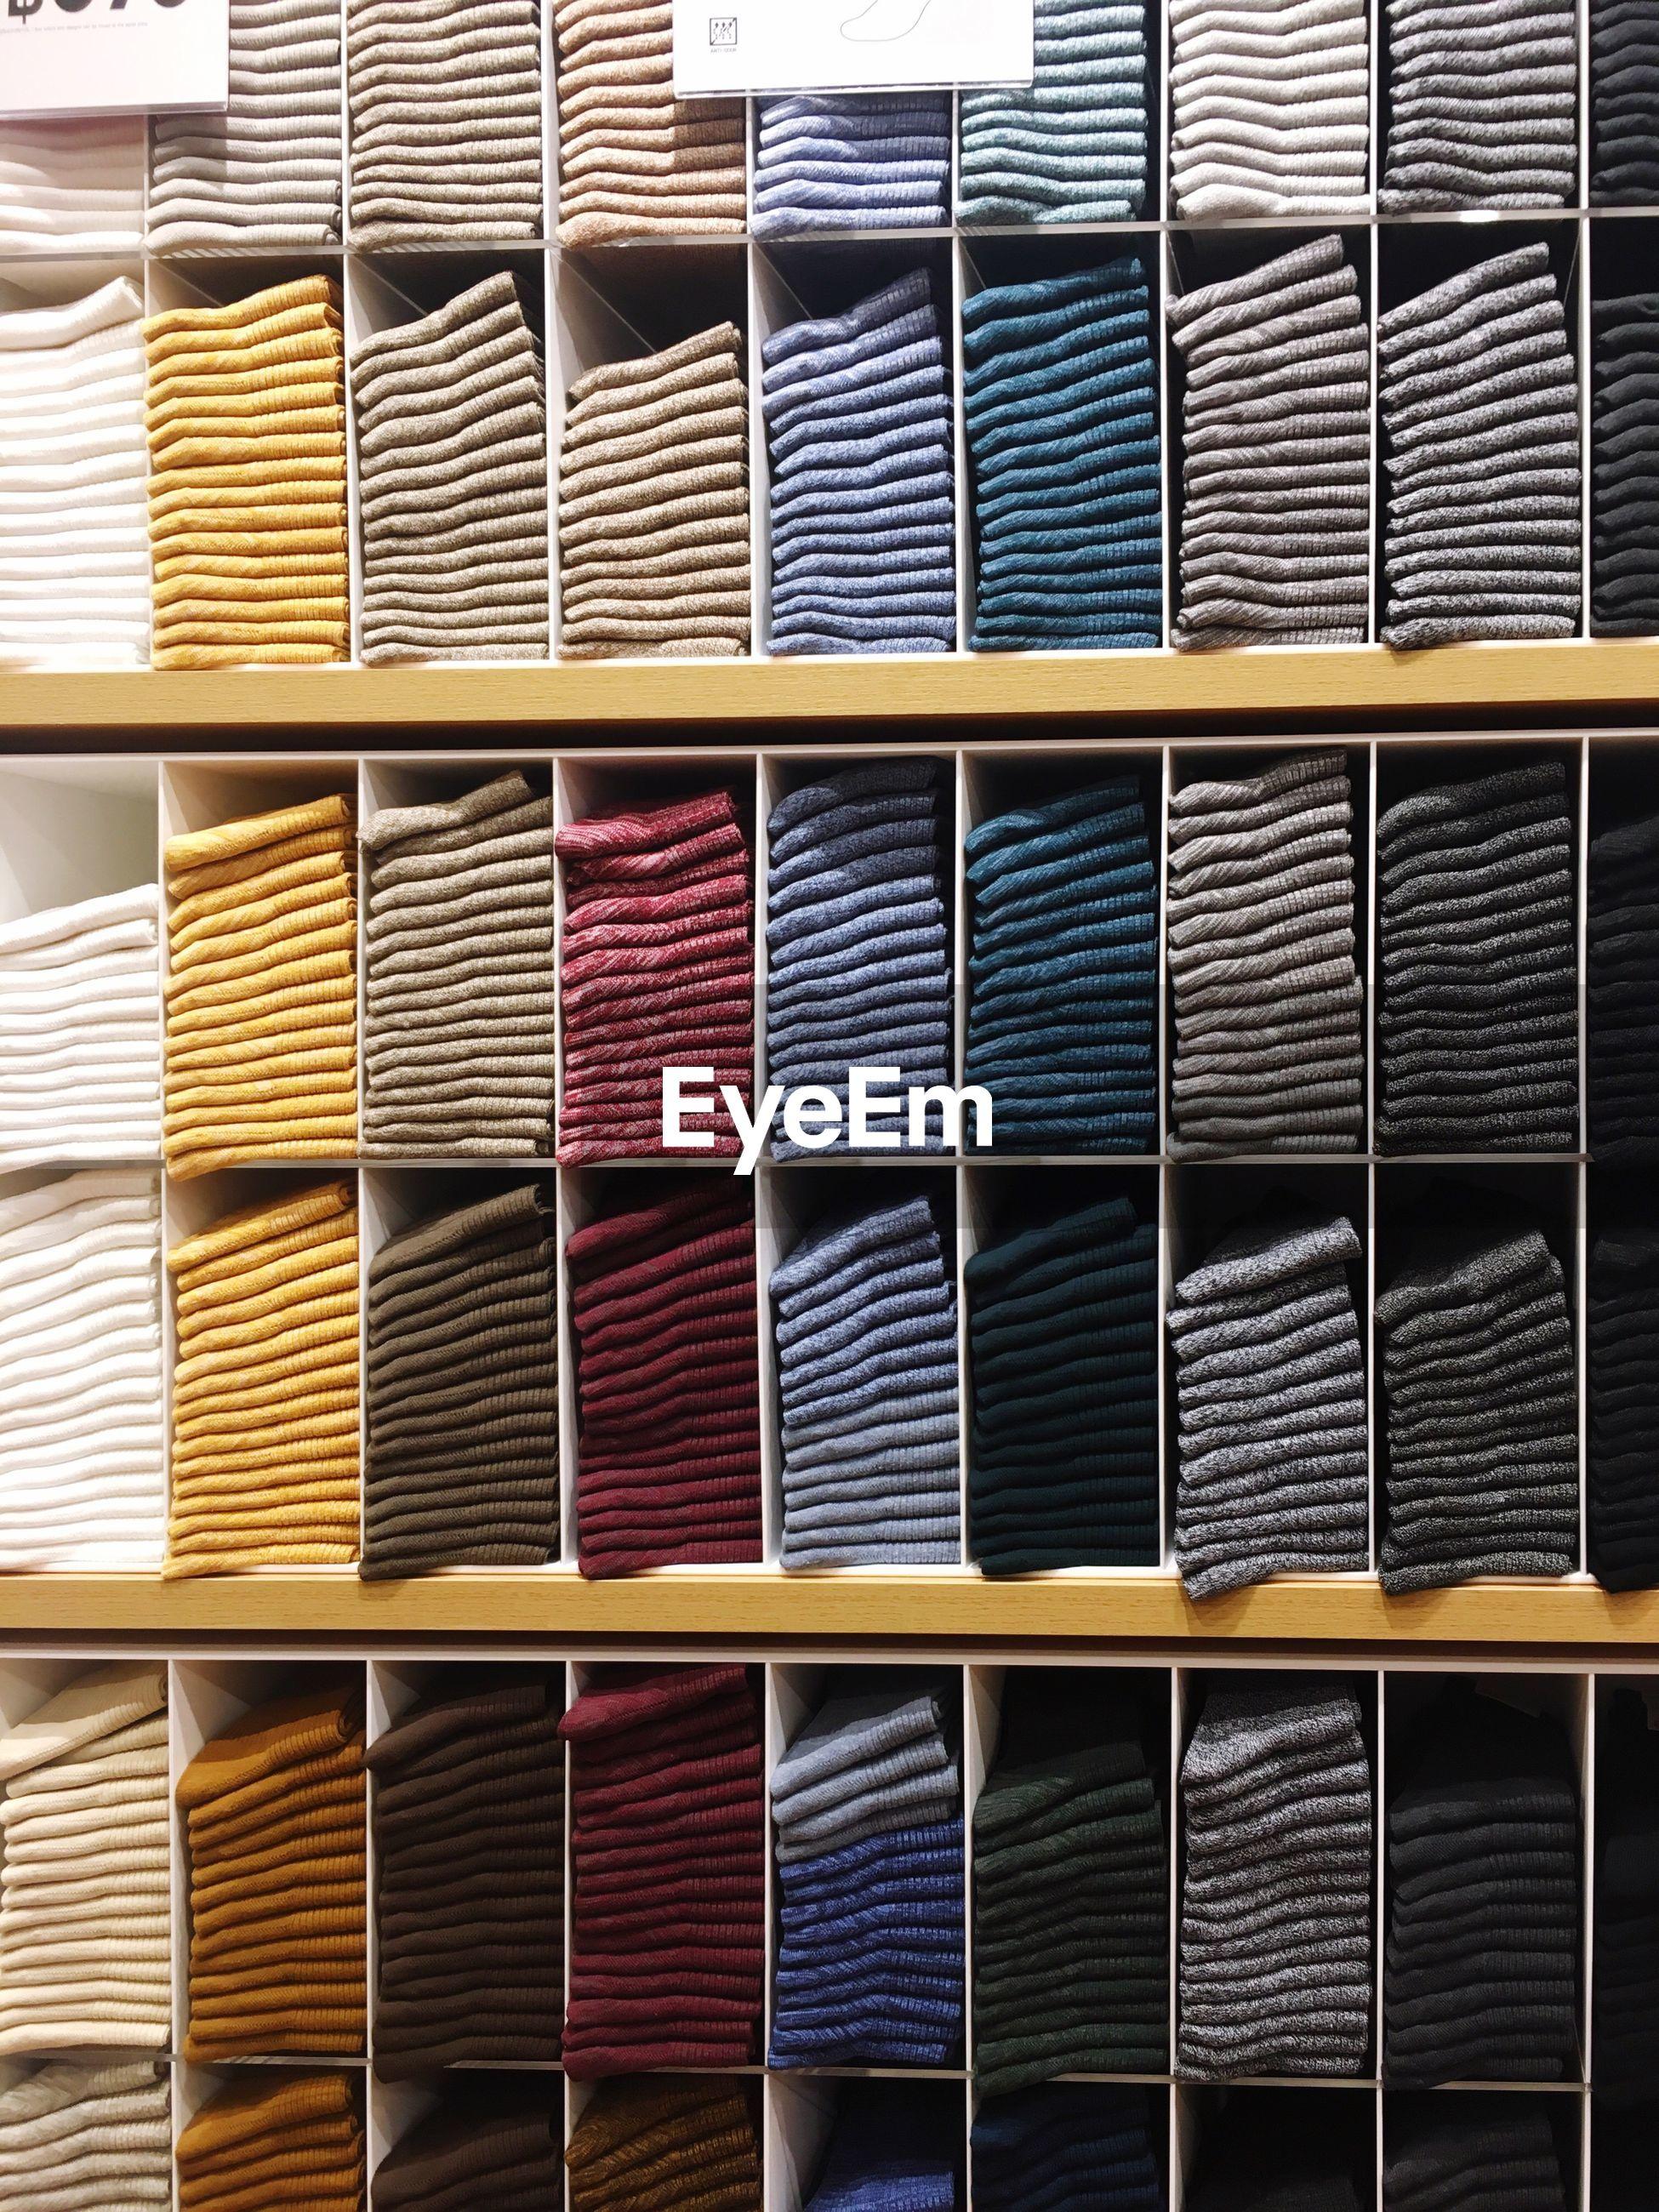 Full frame shot of clothing on shelves for sale at store